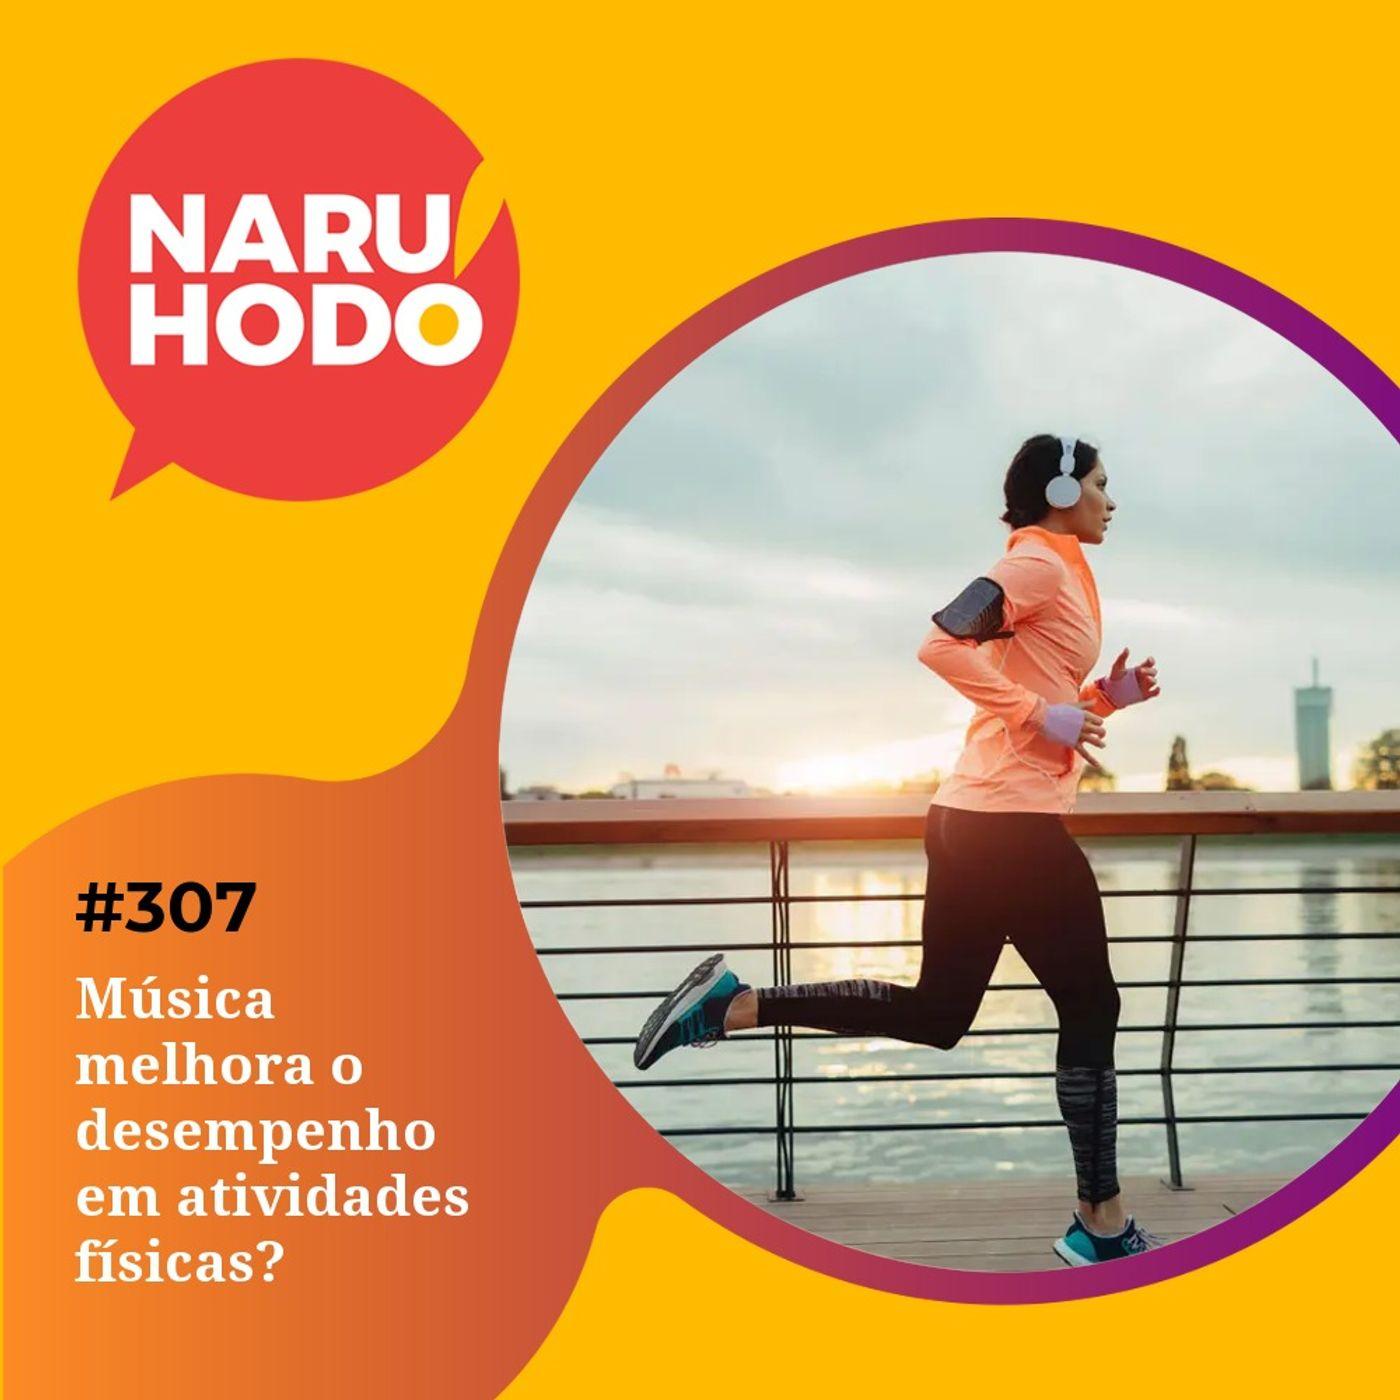 Naruhodo #307 - Música melhora o desempenho em atividades físicas?